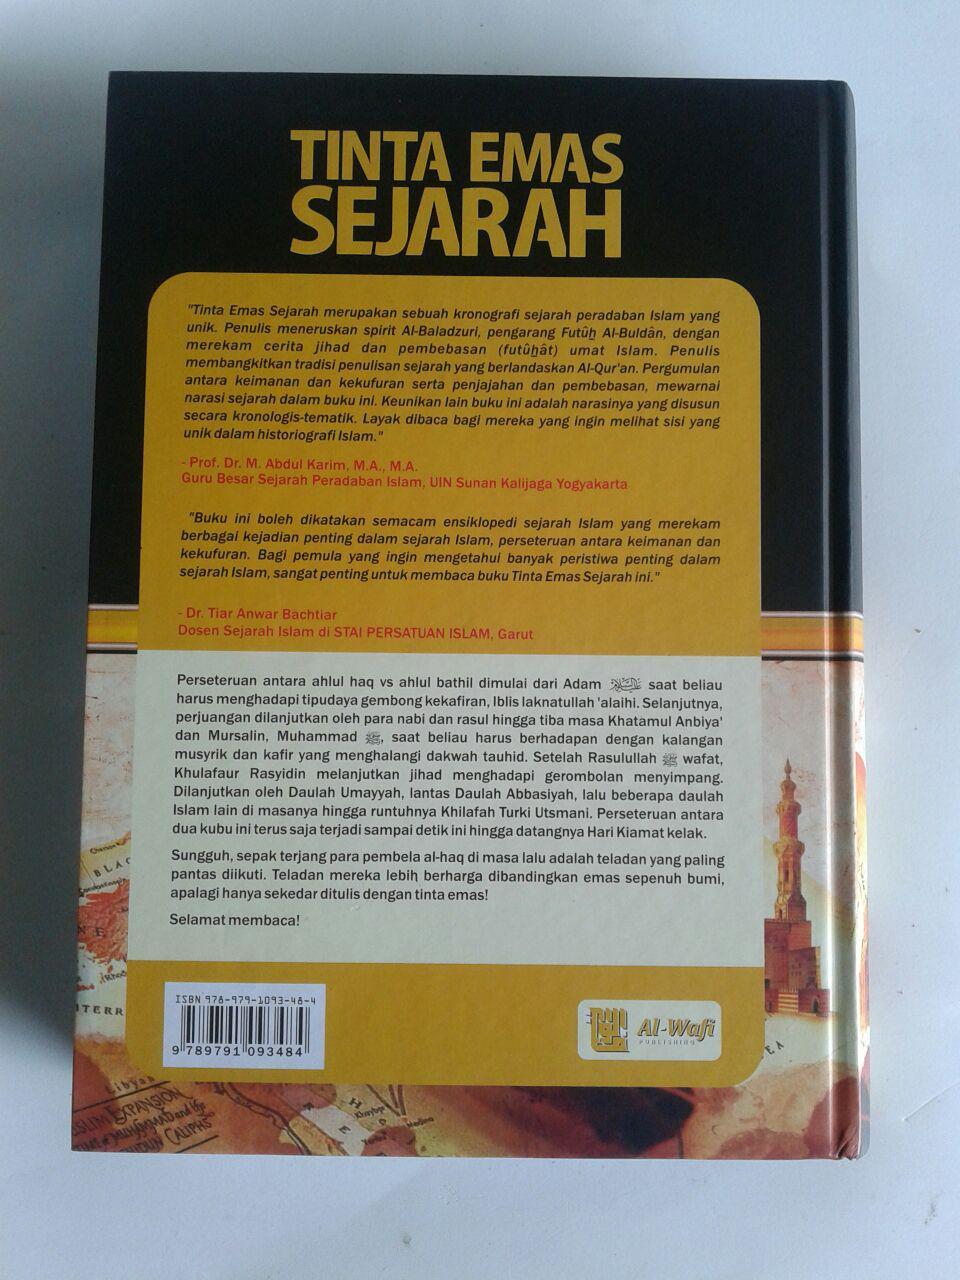 Buku Tinta Emas Sejarah Sejak Nabi Adam Hingga Abad 14 H cover